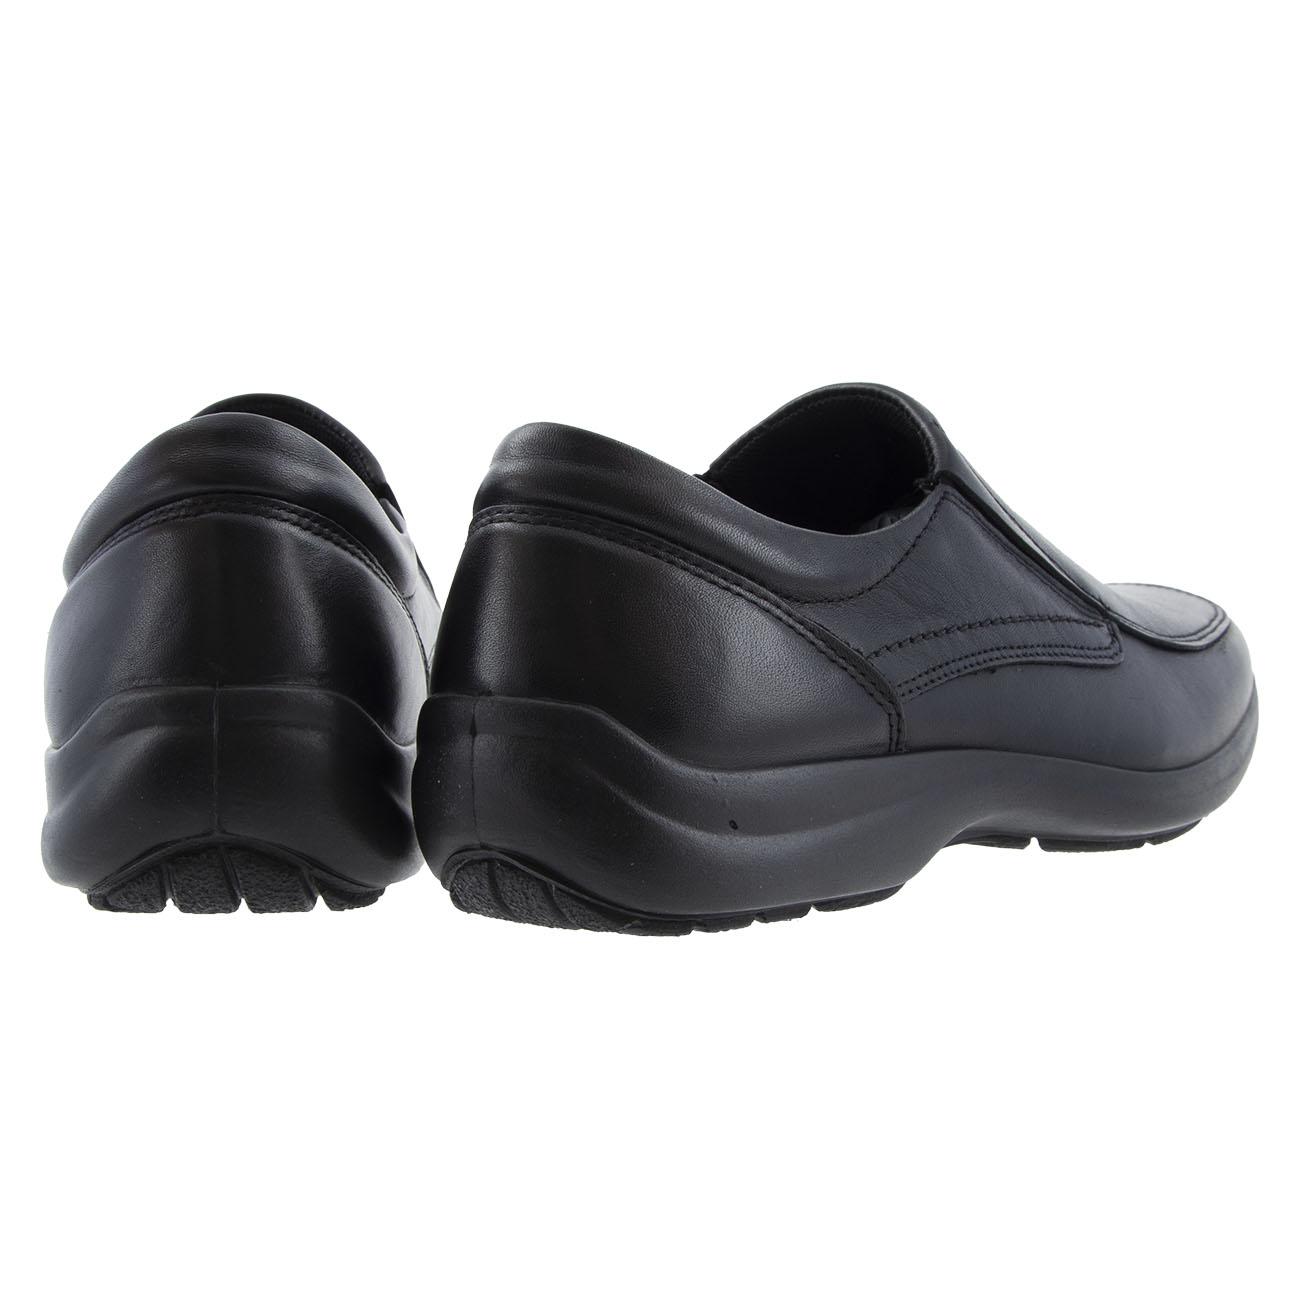 Ανδρικό παπούτσι παντοφλέ δέρμα μαύρο IMAC 500820